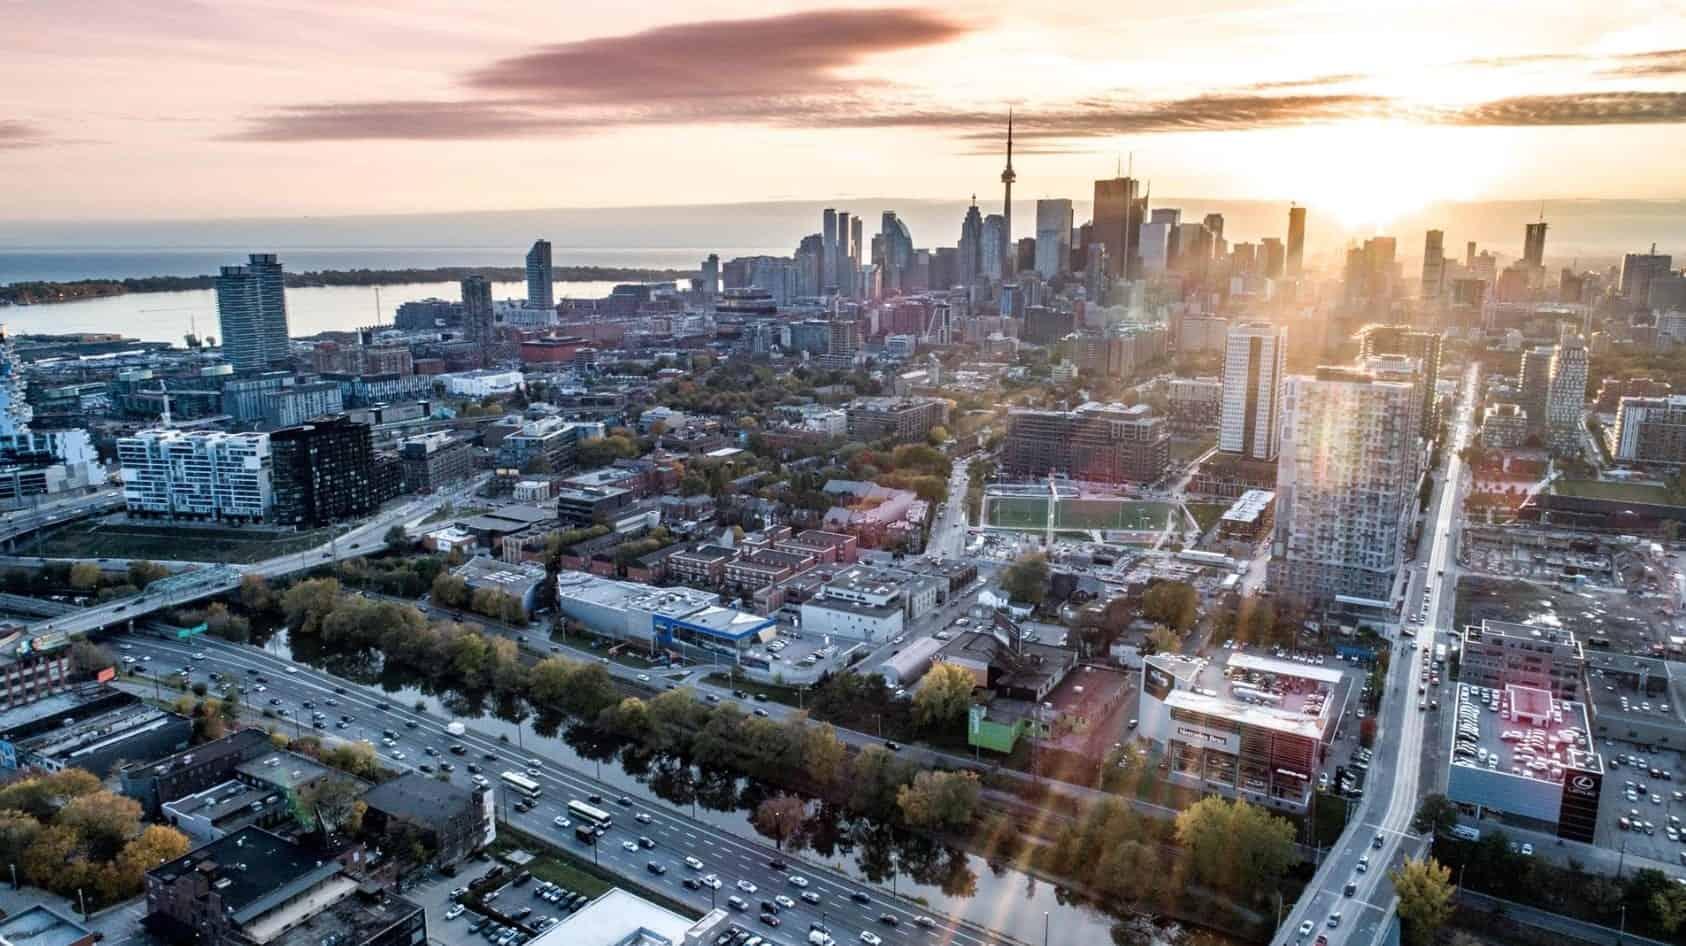 River and Fifth Condos Aerial View True Condos